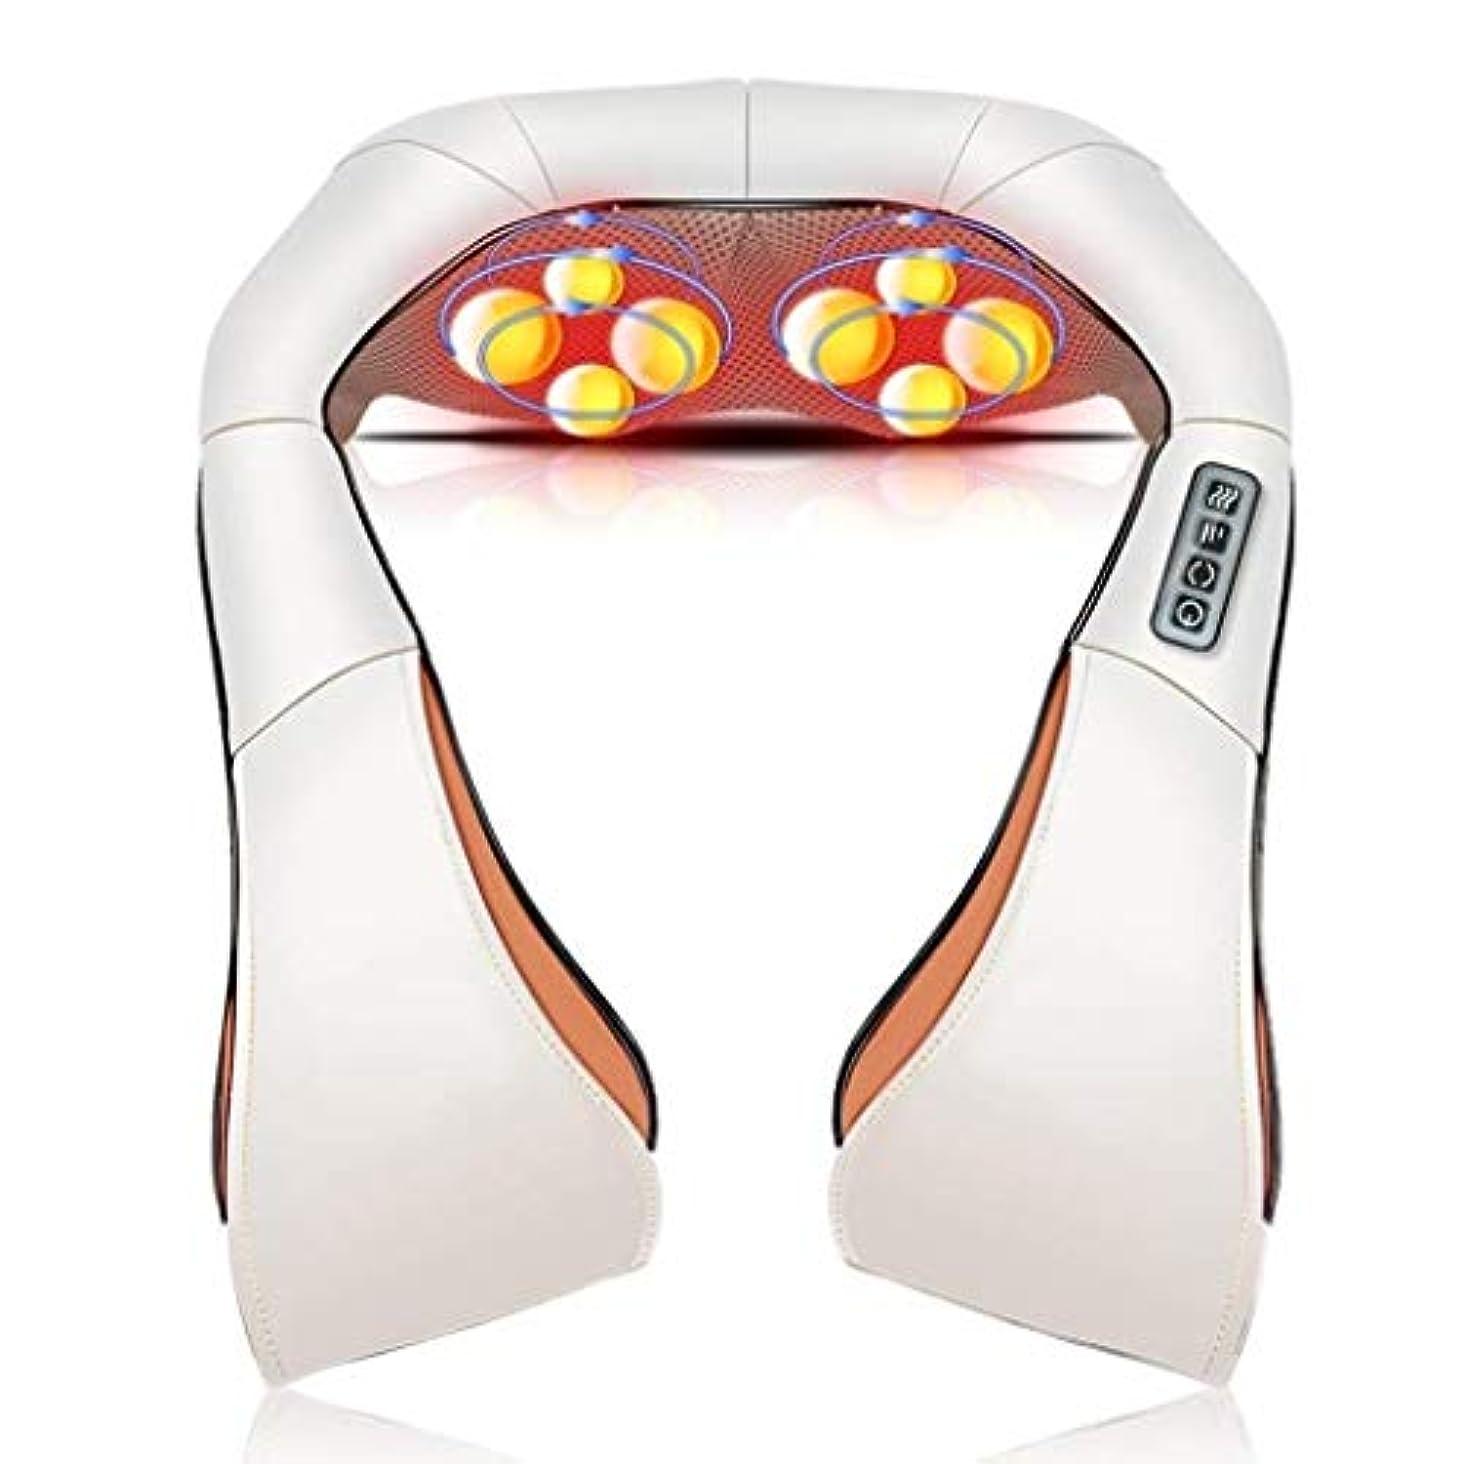 リズムヒゲぬれた電動ネックマッサージ、多機能加熱/振動マッサージ、調節可能な筋力、背中、肩、足、足、痛みの緩和に適しています